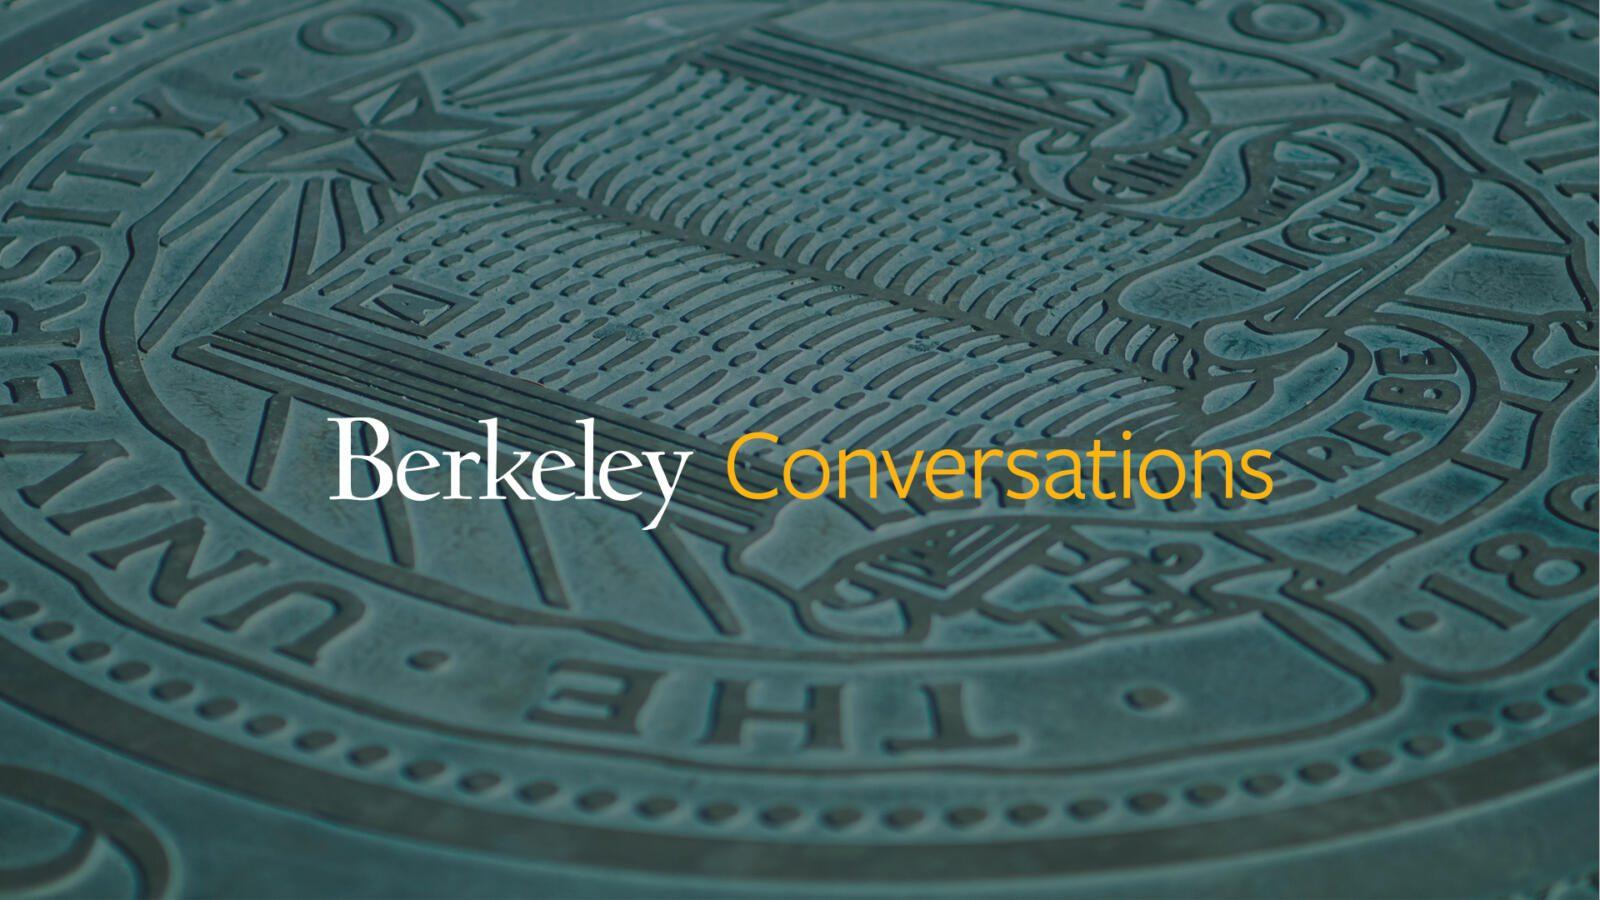 Berkeley Conversations